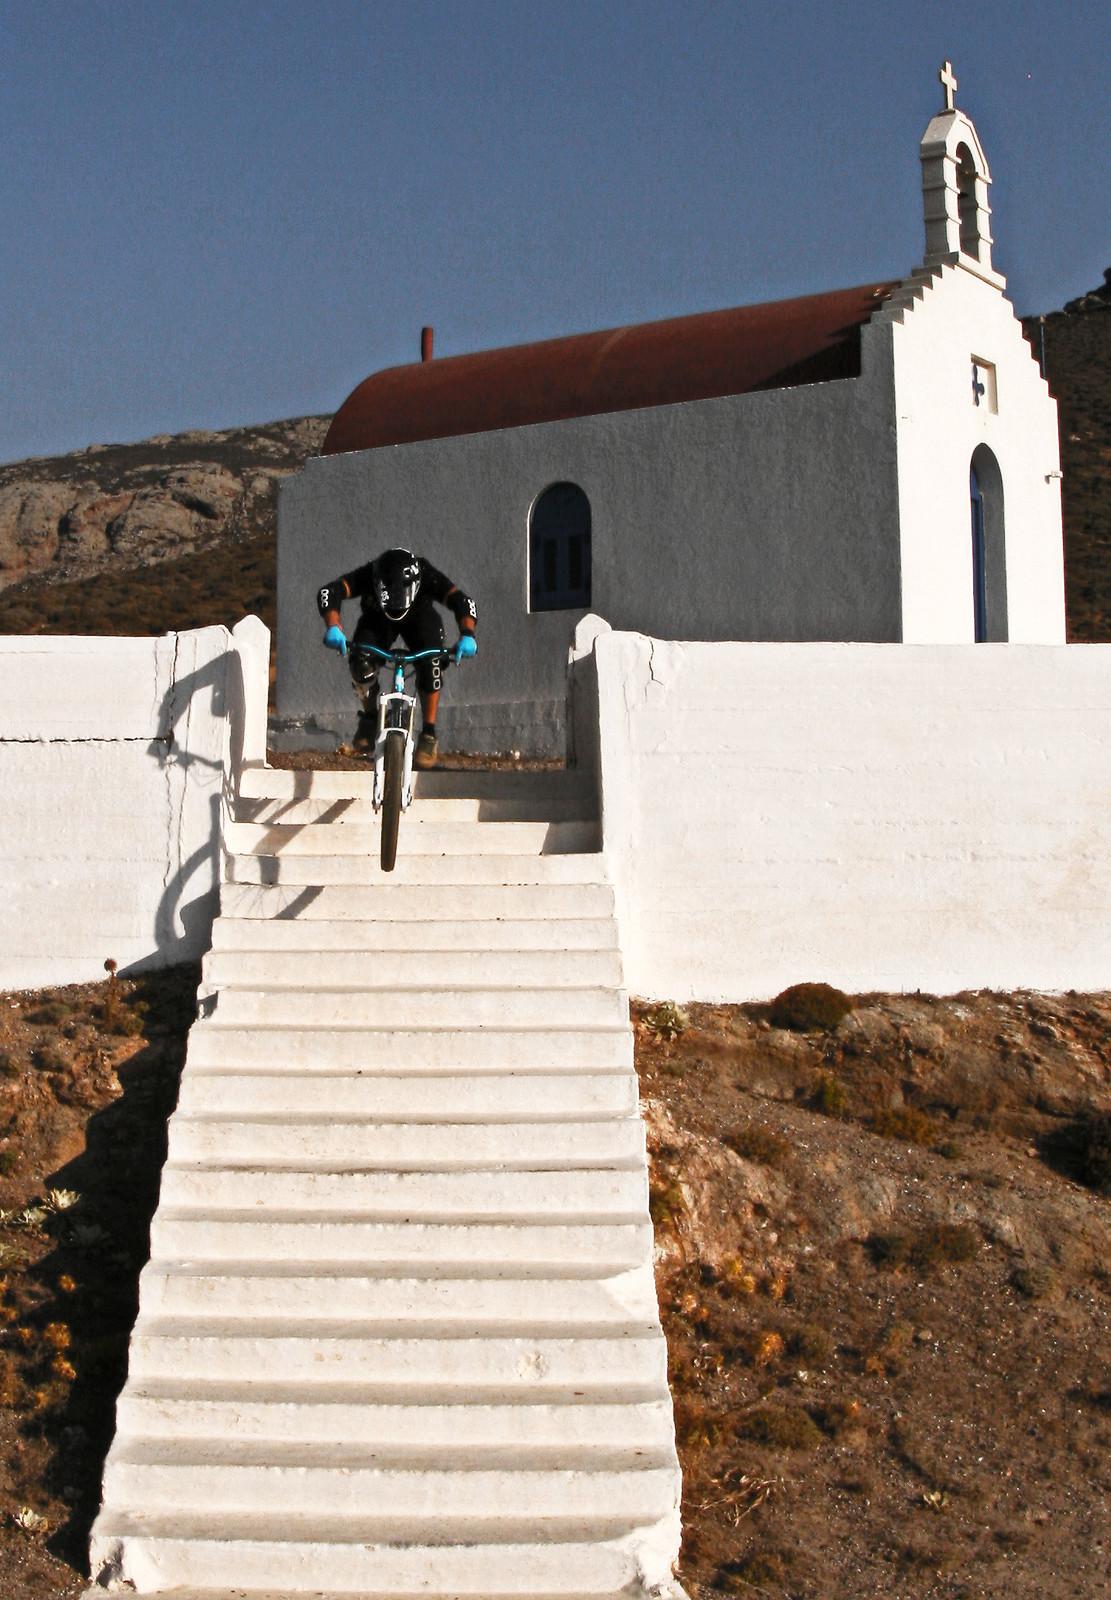 stairway to heaven - kos - Mountain Biking Pictures - Vital MTB